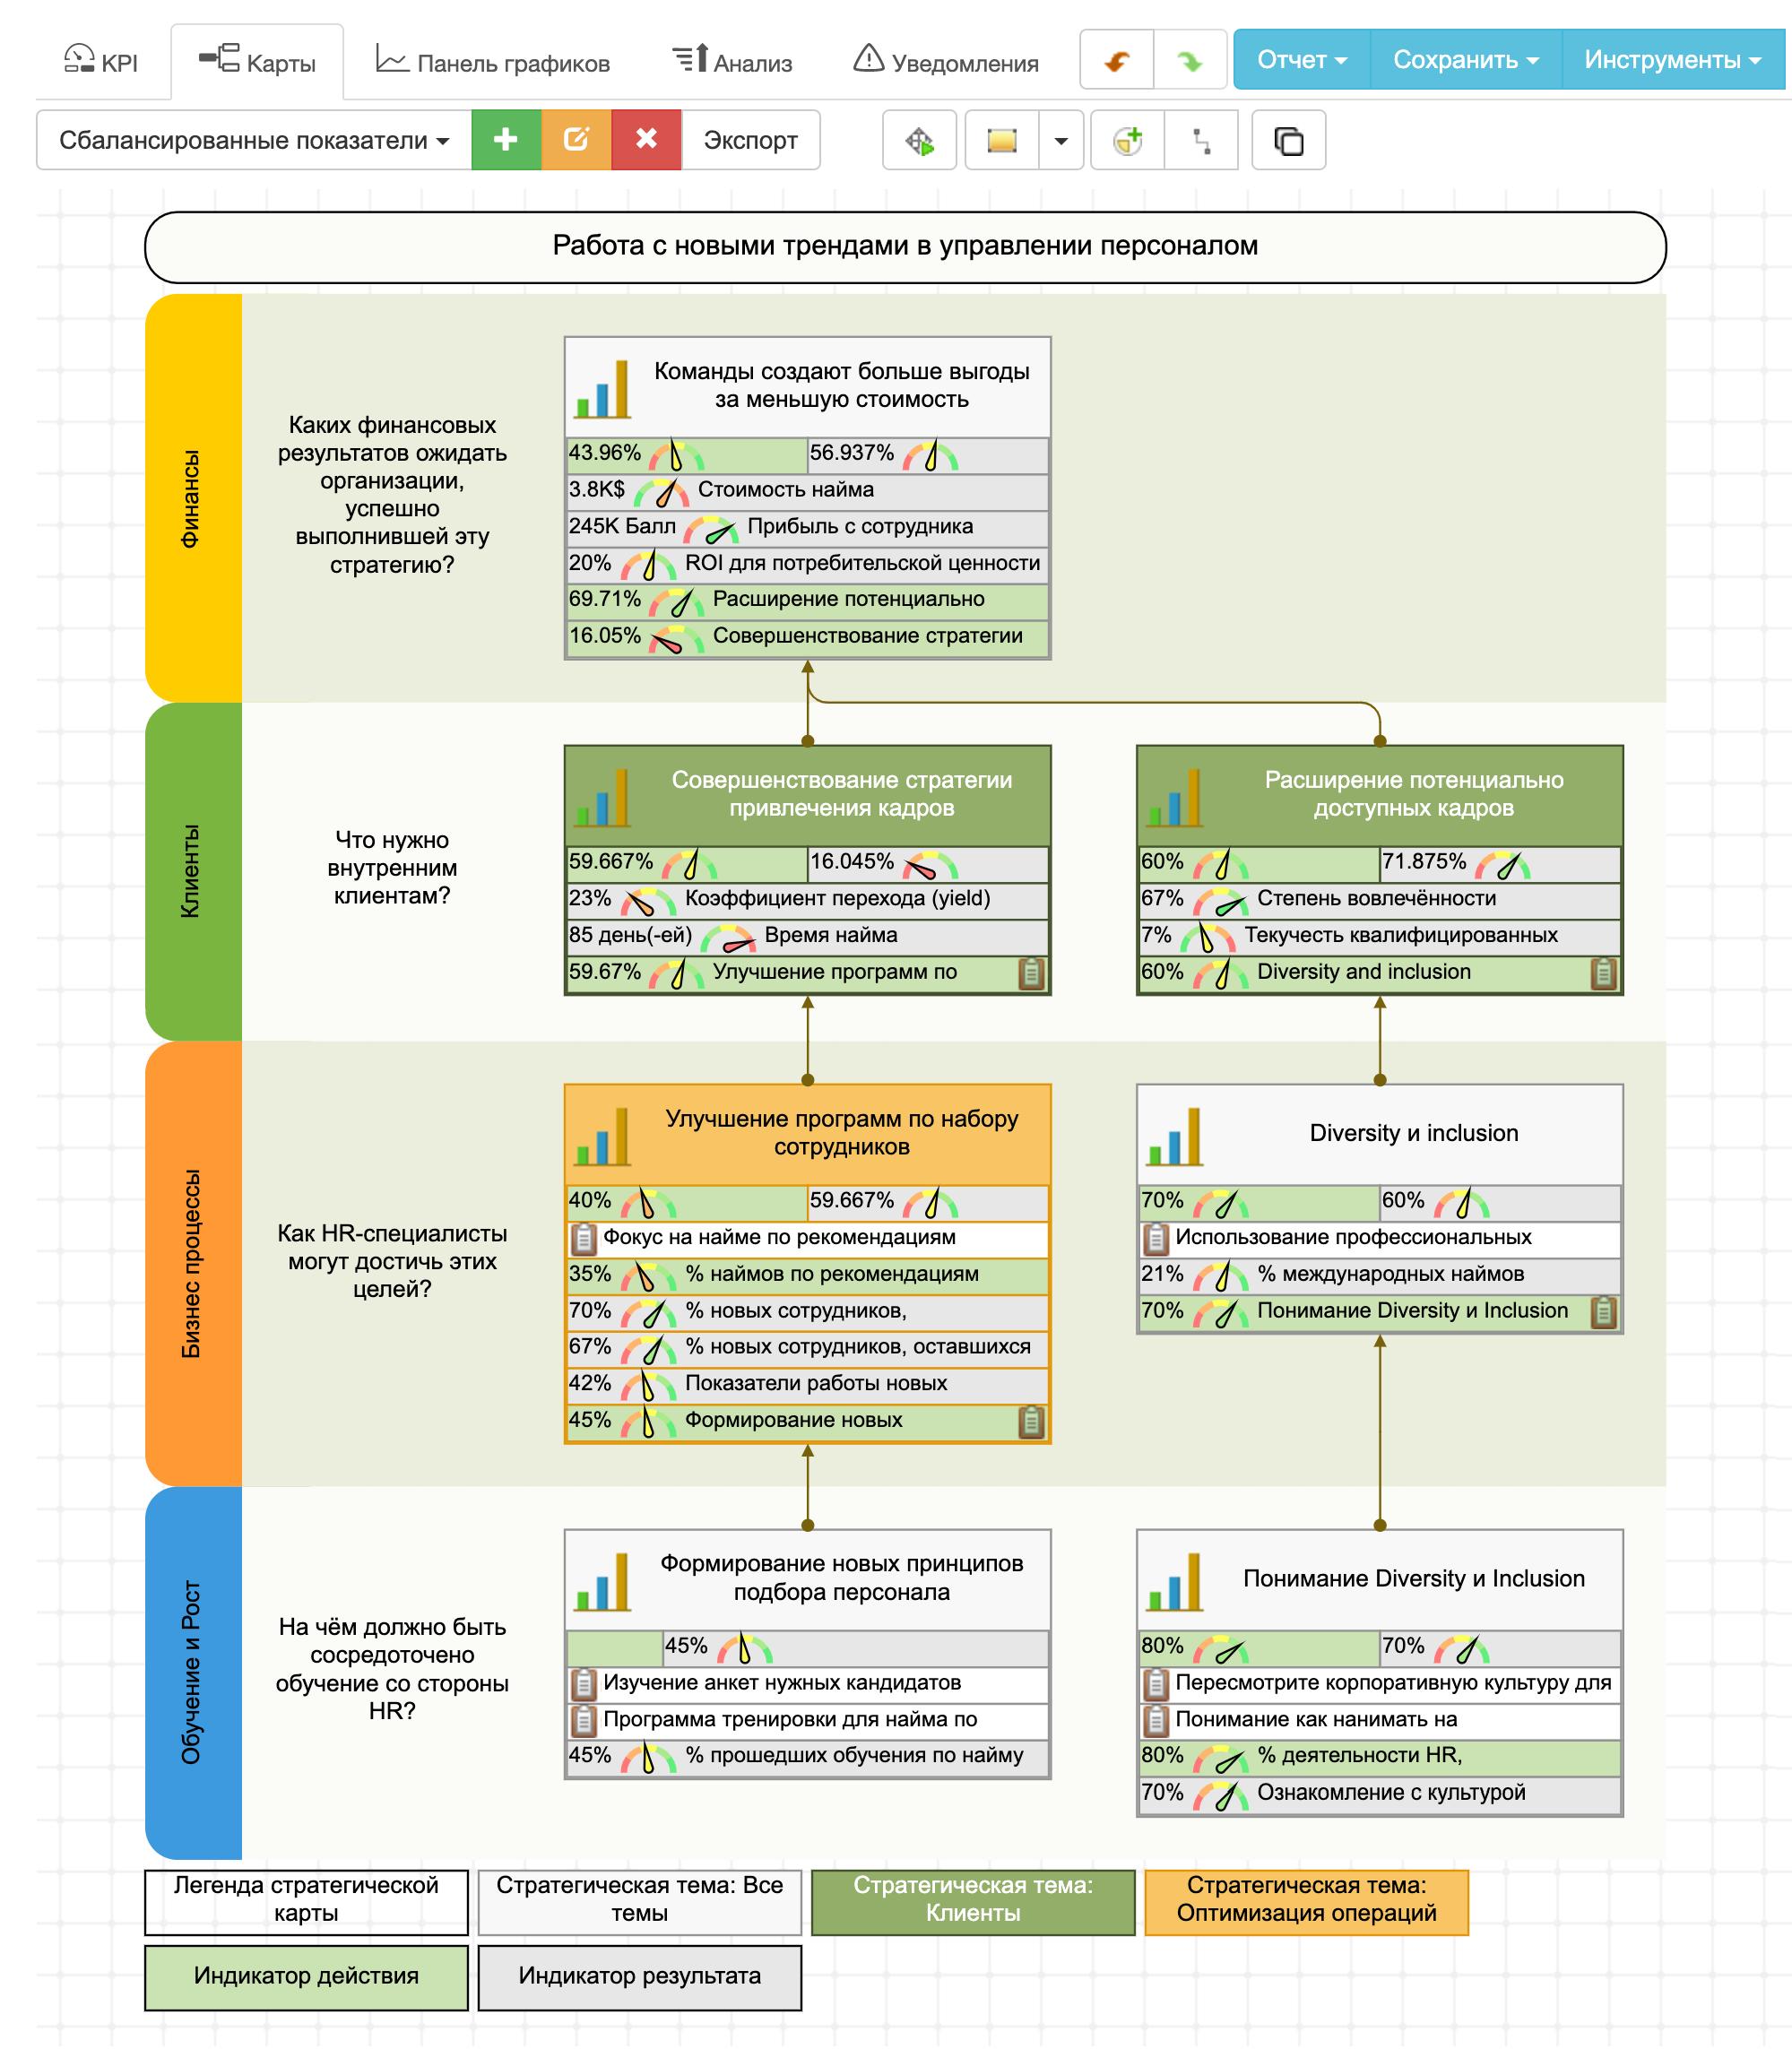 Пример стратегической карты ССП для HR